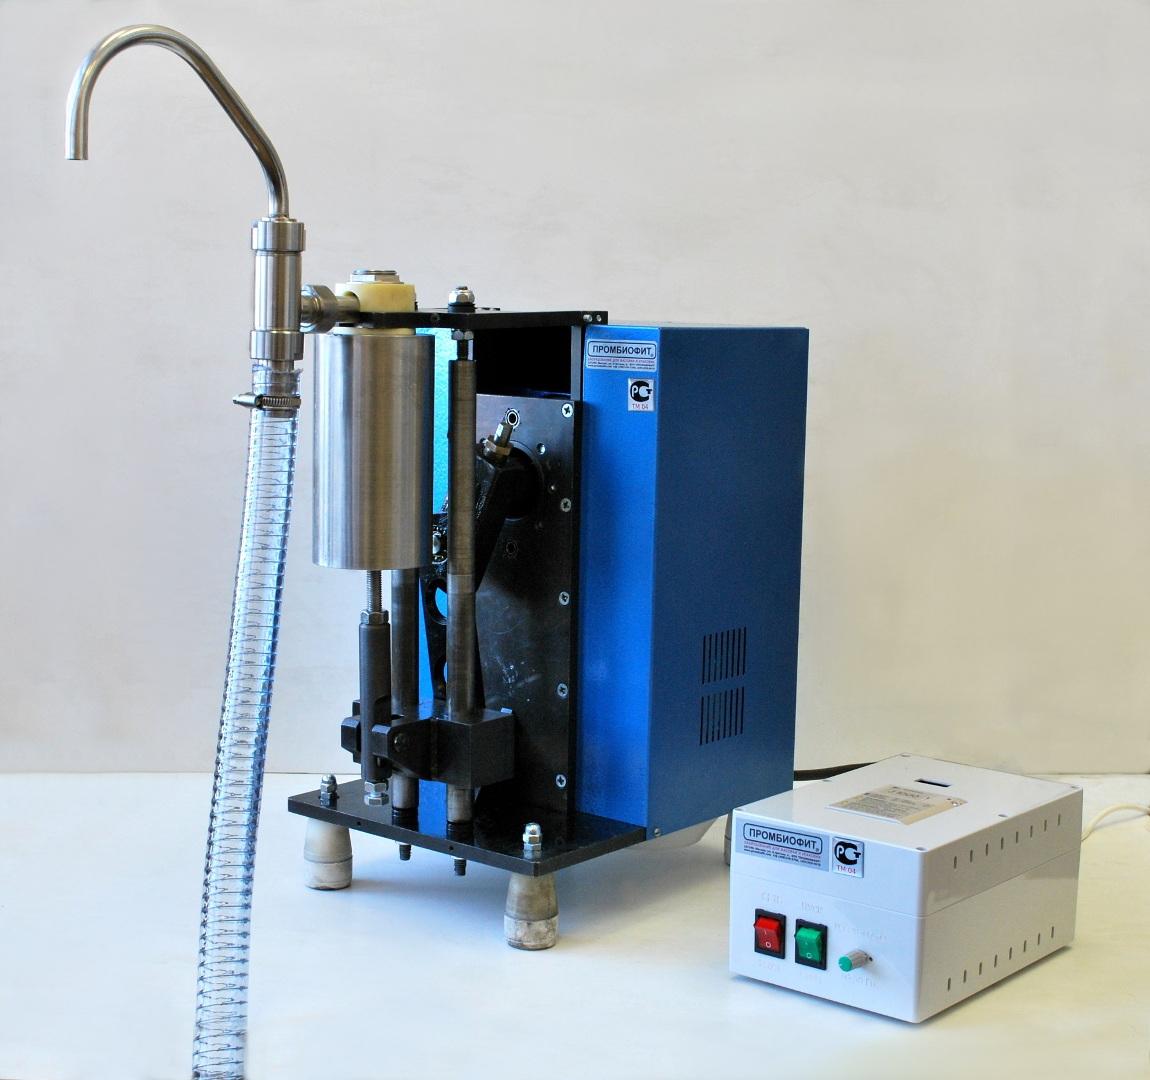 От лаборатории до промплощадки. Оборудование ИТП «ПРОМБИОФИТ» для производства многокомпонентных эмульсий, суспензий и гелей